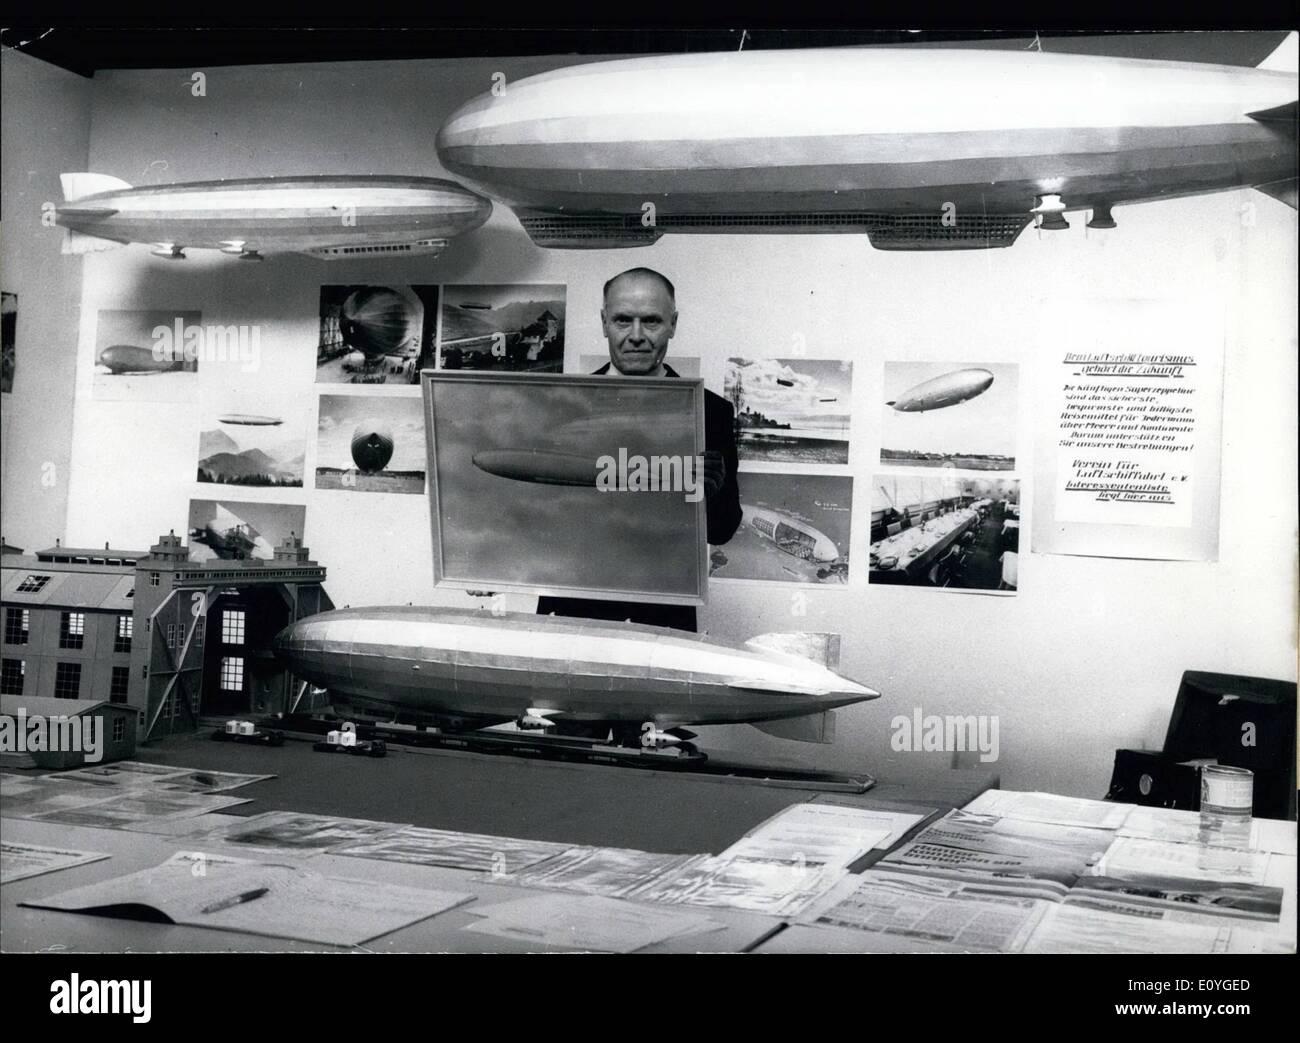 4. April 1970 - will Karl H. Albrecht... aus Berlin Interesse der Menschen in der Zeppelin wieder durch viele Modelle des Zeppelins und mehrere Schriften. Er ist Vorsitzender des Aviation Club, der verbunden ist mit einem Muster, so dass Verein die der Zeppelin Modelle baut und die Verlegung-Out werden darauf Sehnsucht. Diese Modelle sind nicht nach alten gebaut aber komplett neu und für die Zukunft bestimmt. Der Club besteht seit 1962 und hat einige hundert Mitglieder und mehrere Wohltäter Stockbild